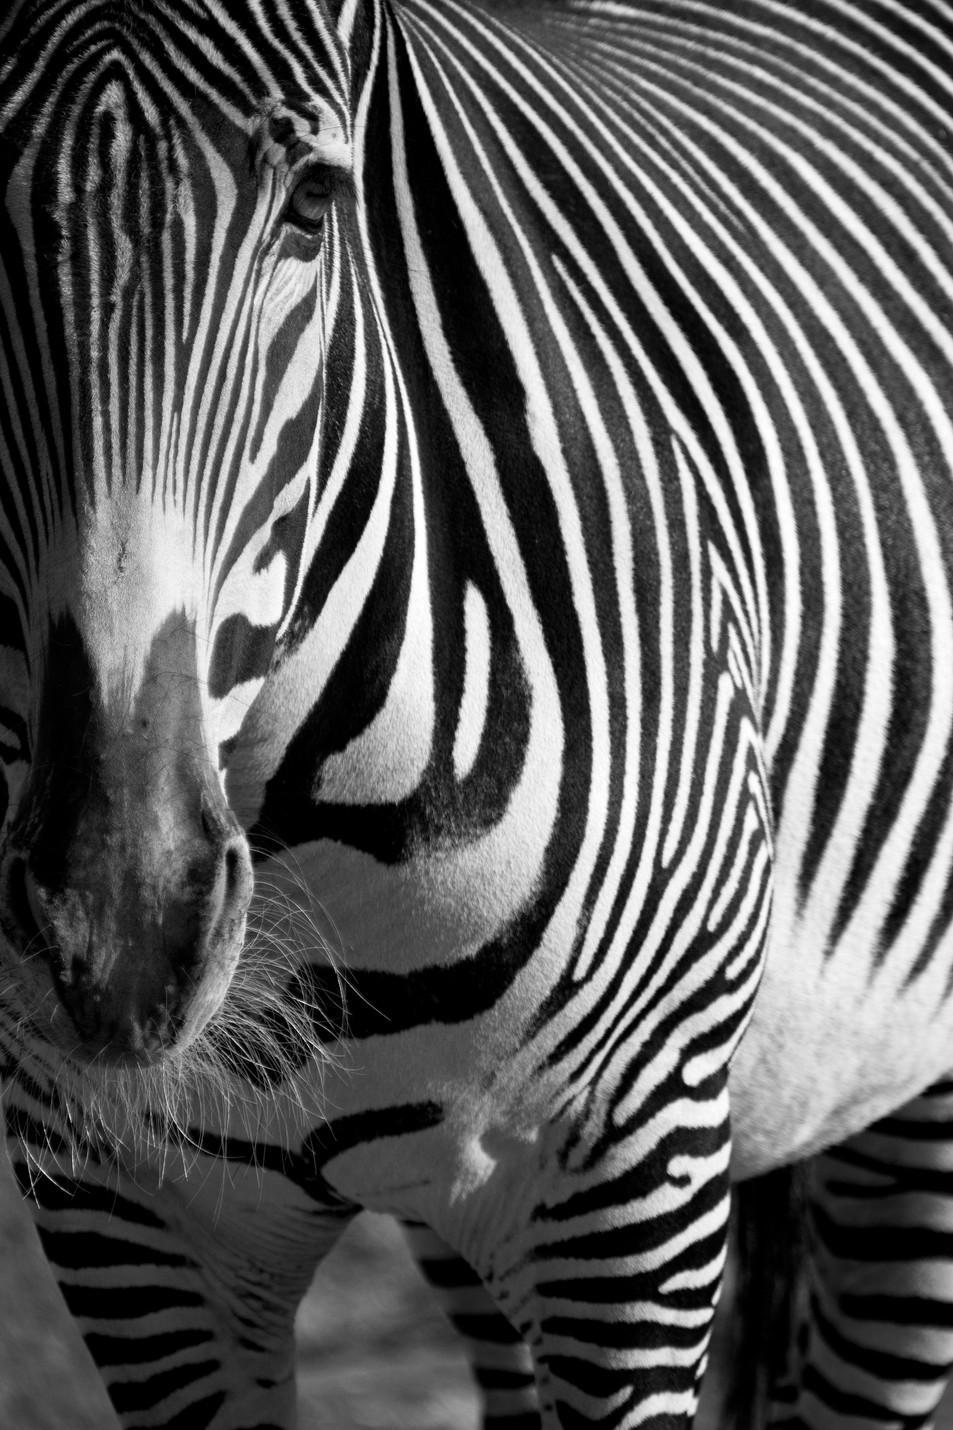 Zebra No. 12